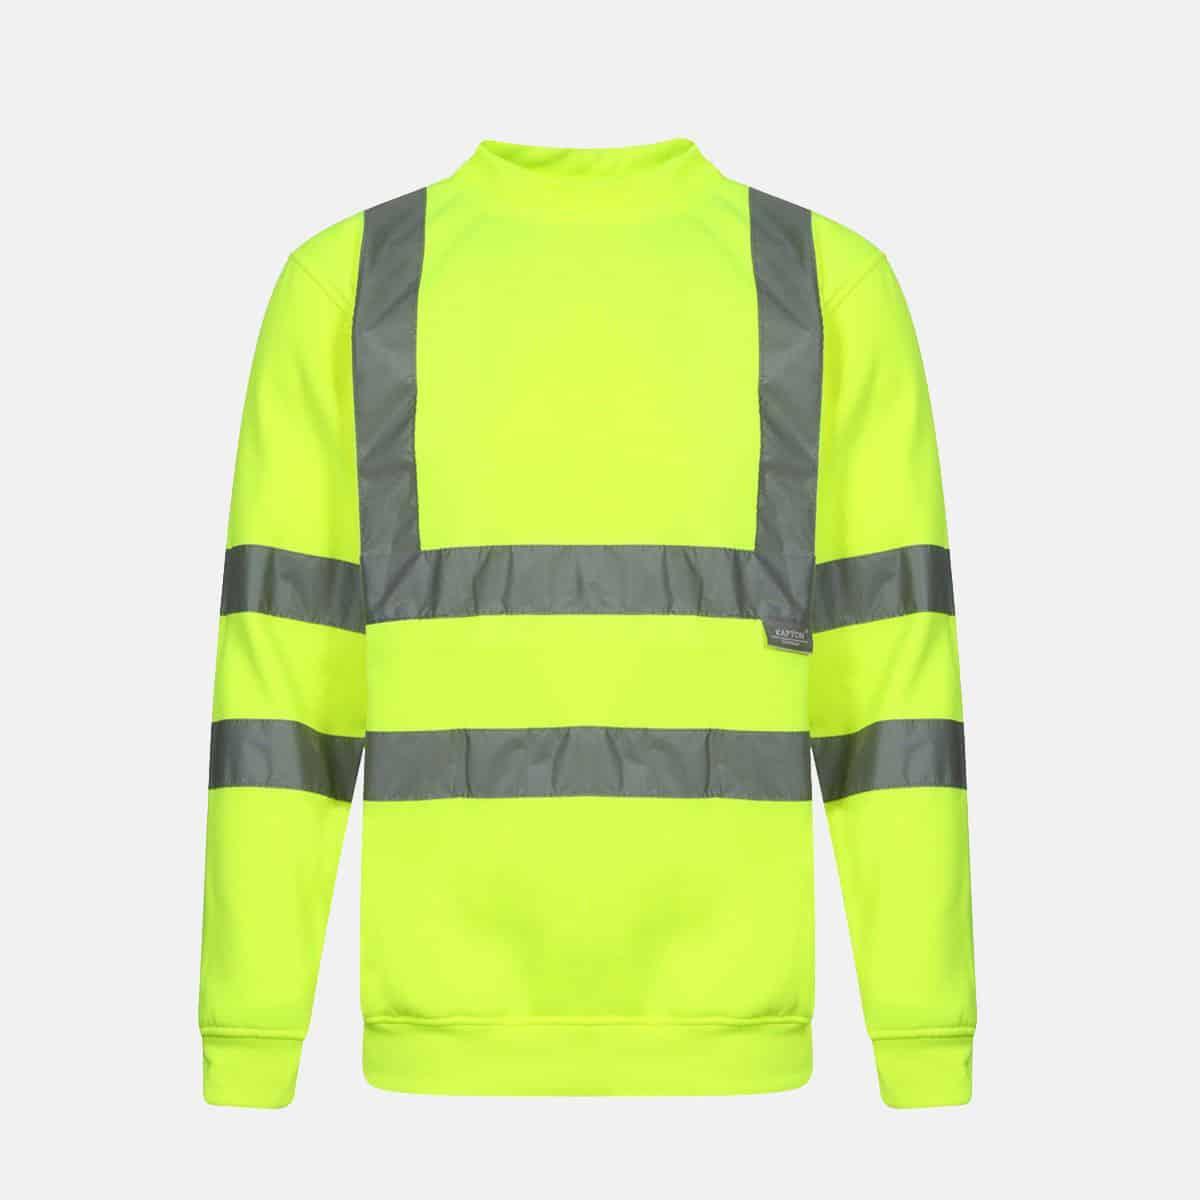 Hi Vis Crew Neck Fleece Pull Over Yellow Sweatshirts